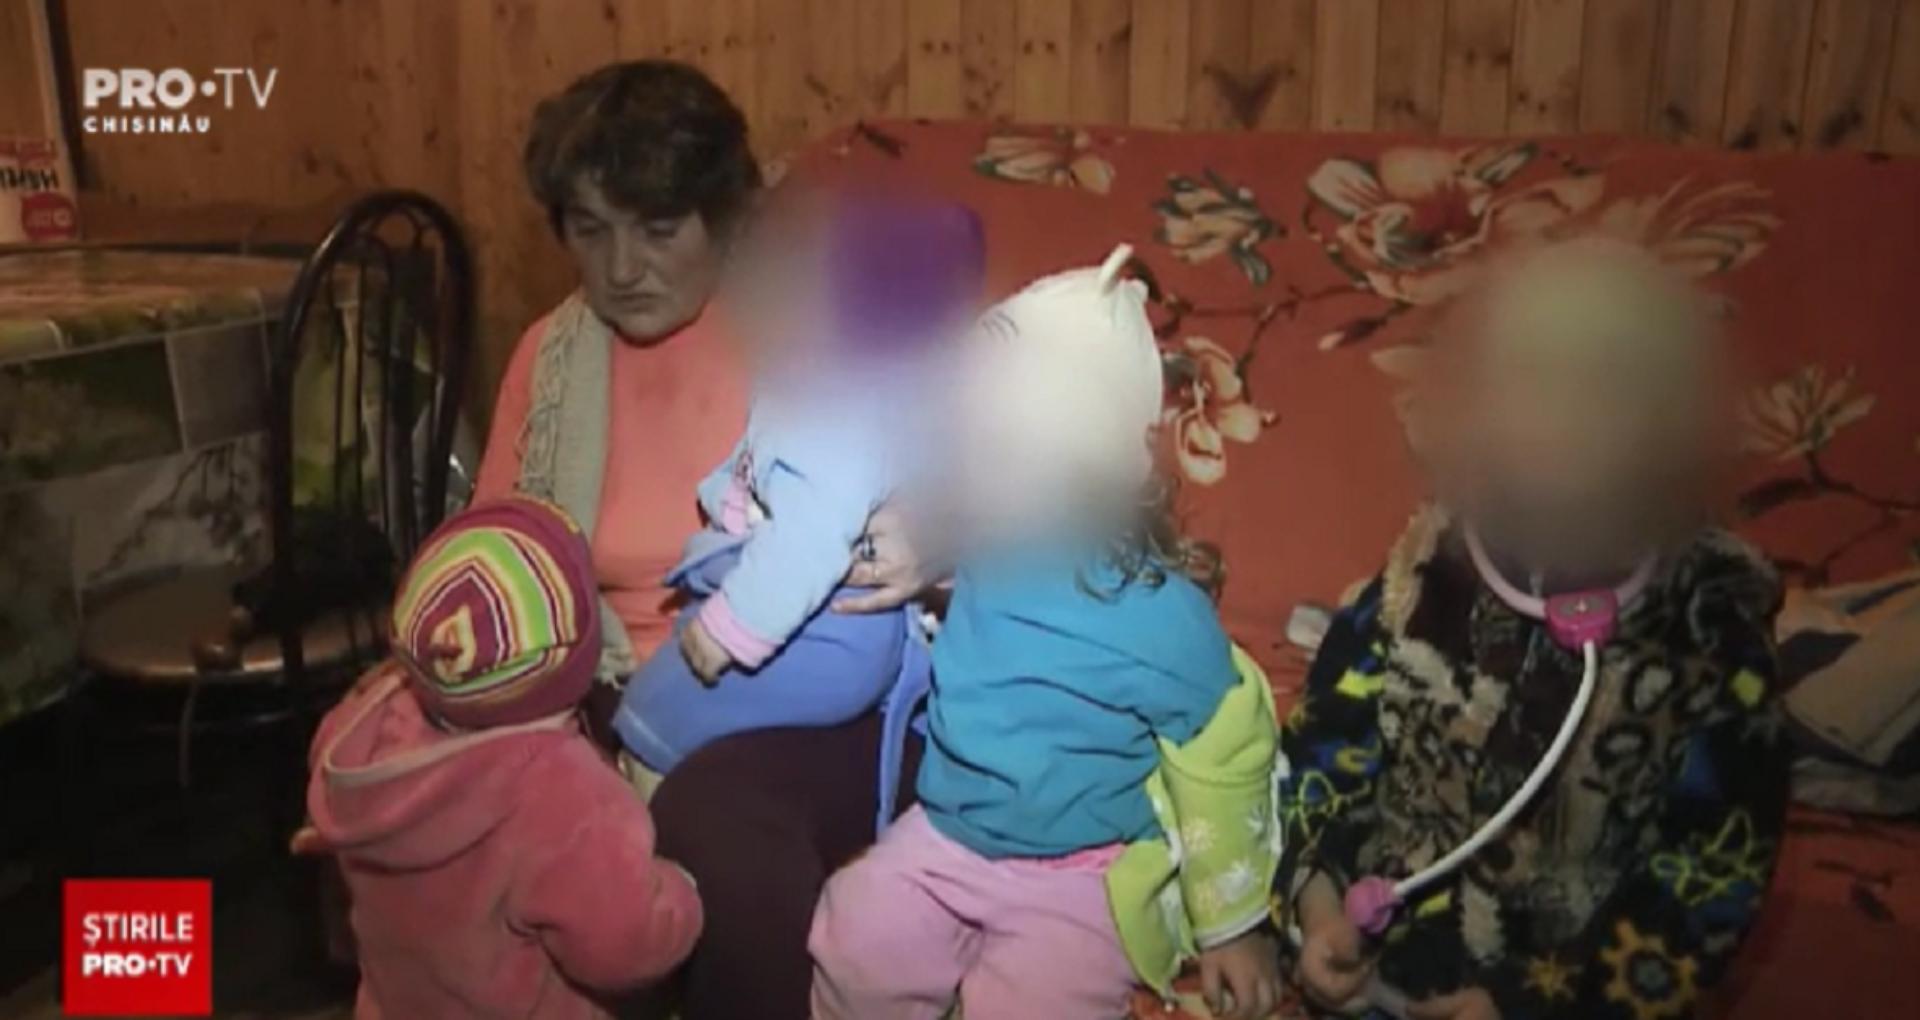 Convins că va fi reales președinte al R. Moldova, Dodon susține că după alegeri va semna un decret pentru eliberarea femeii, mamă a cinci copii, condamnată la 6 ani de închisoare pentru escrocherie